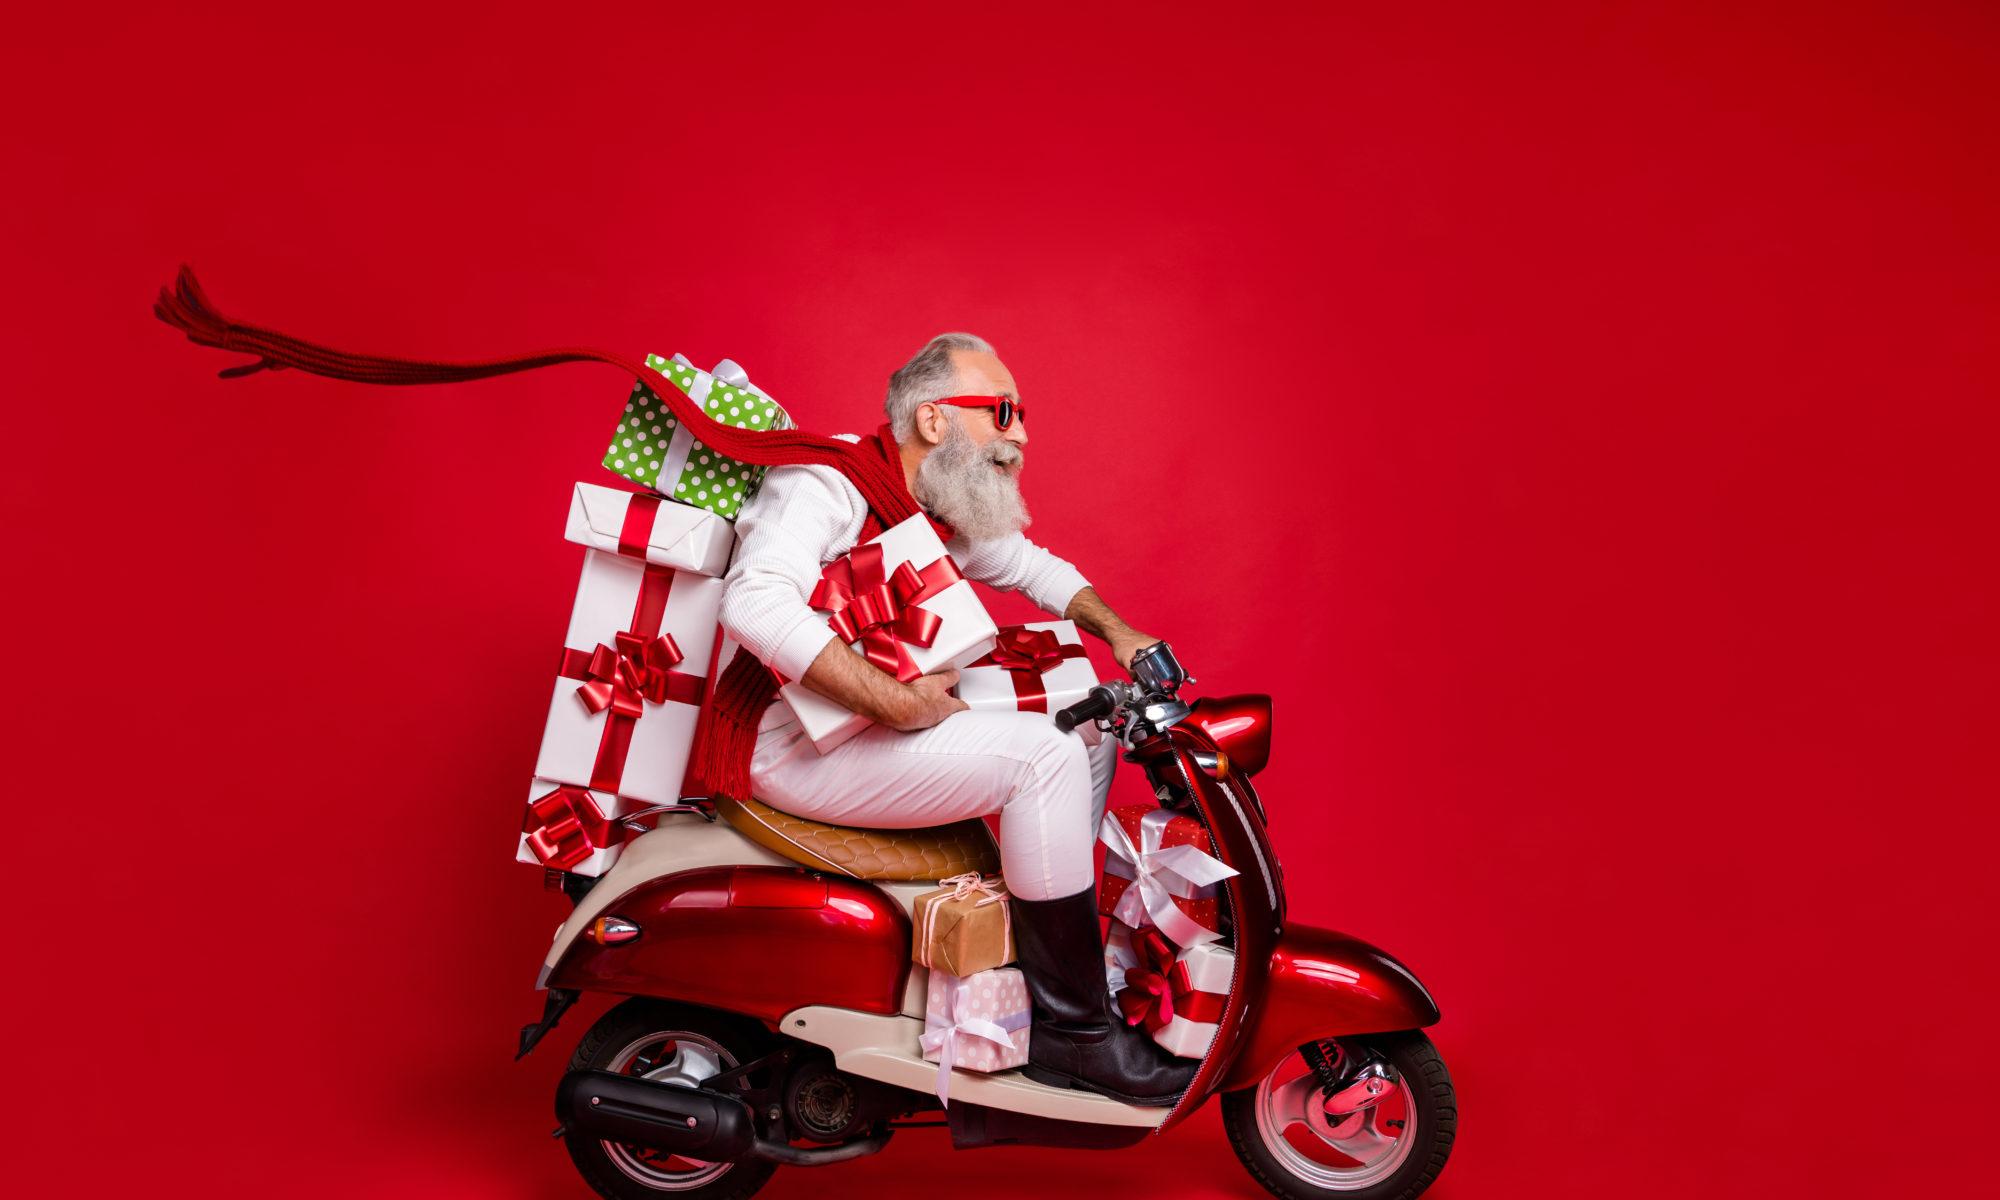 Nowoczesny święty Mikołaj z prezentami na skuterze